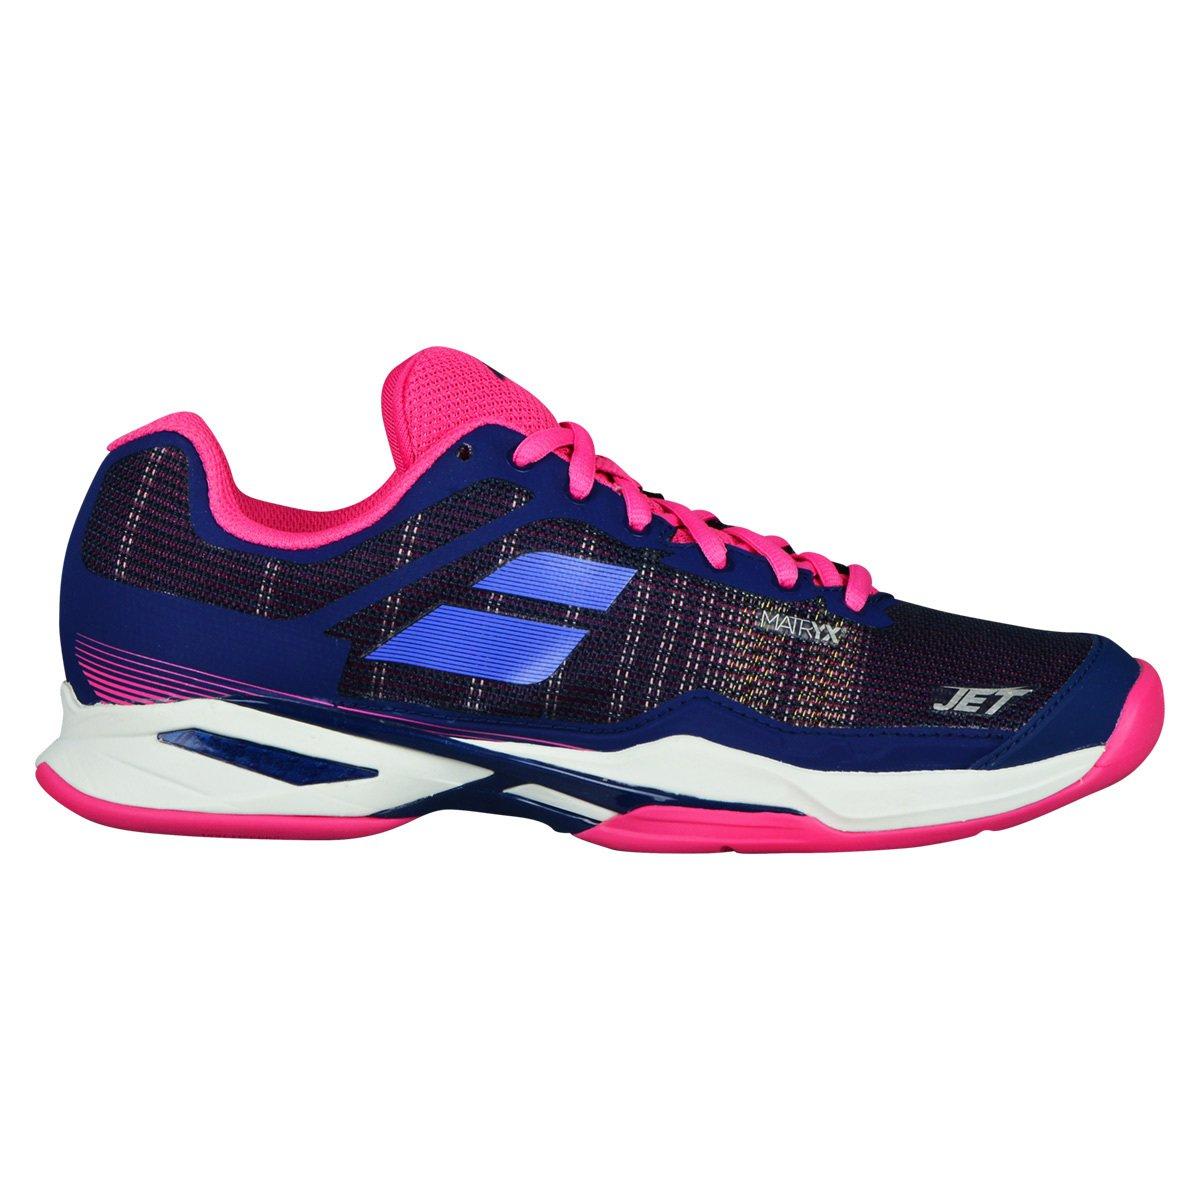 Babolat Chaussures de Tennis Femme Jet Mach i Clay 31s18688 Bleu/Rose